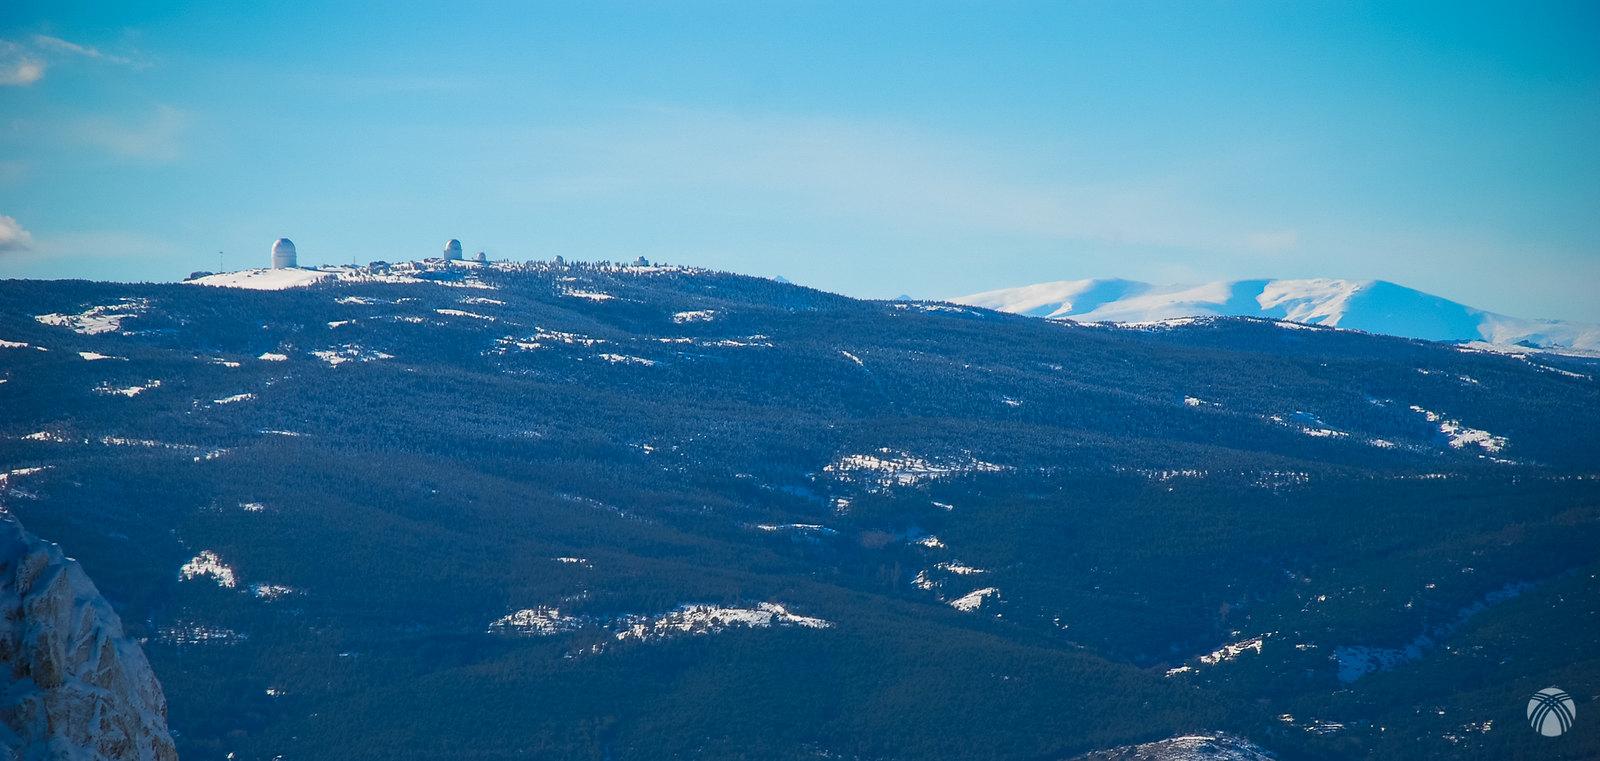 Calar Alto en primer plano y al fondo los tres miles orientales de Sierra Nevada